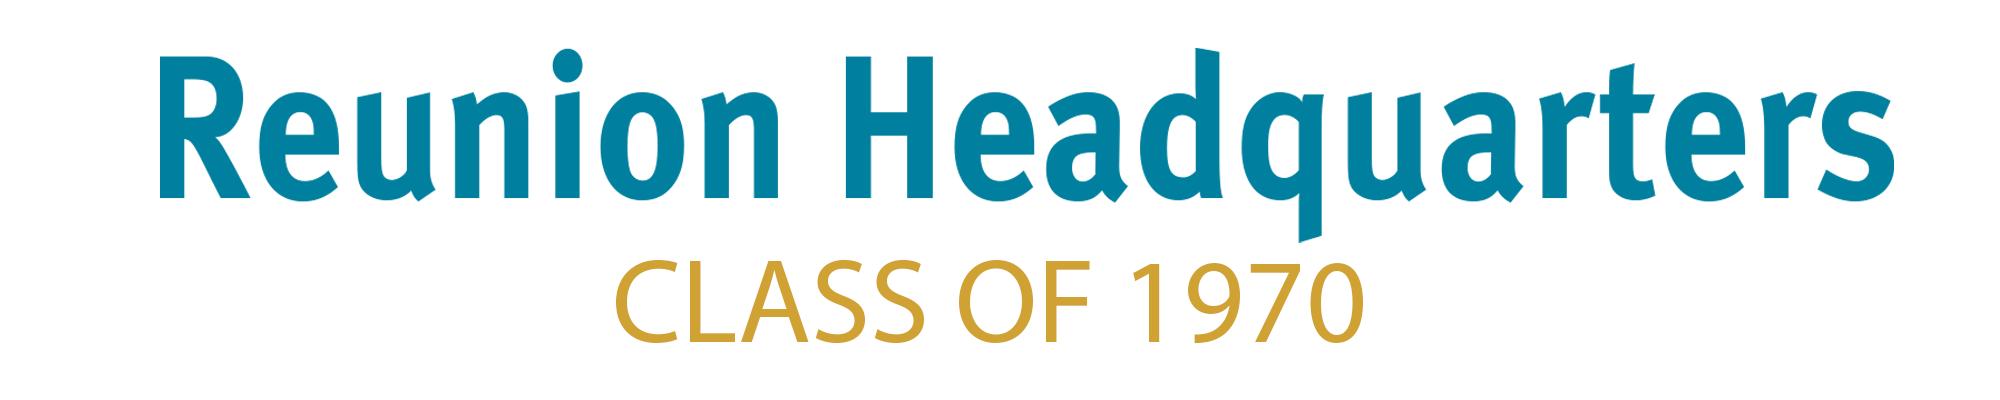 Class of 1970 Header